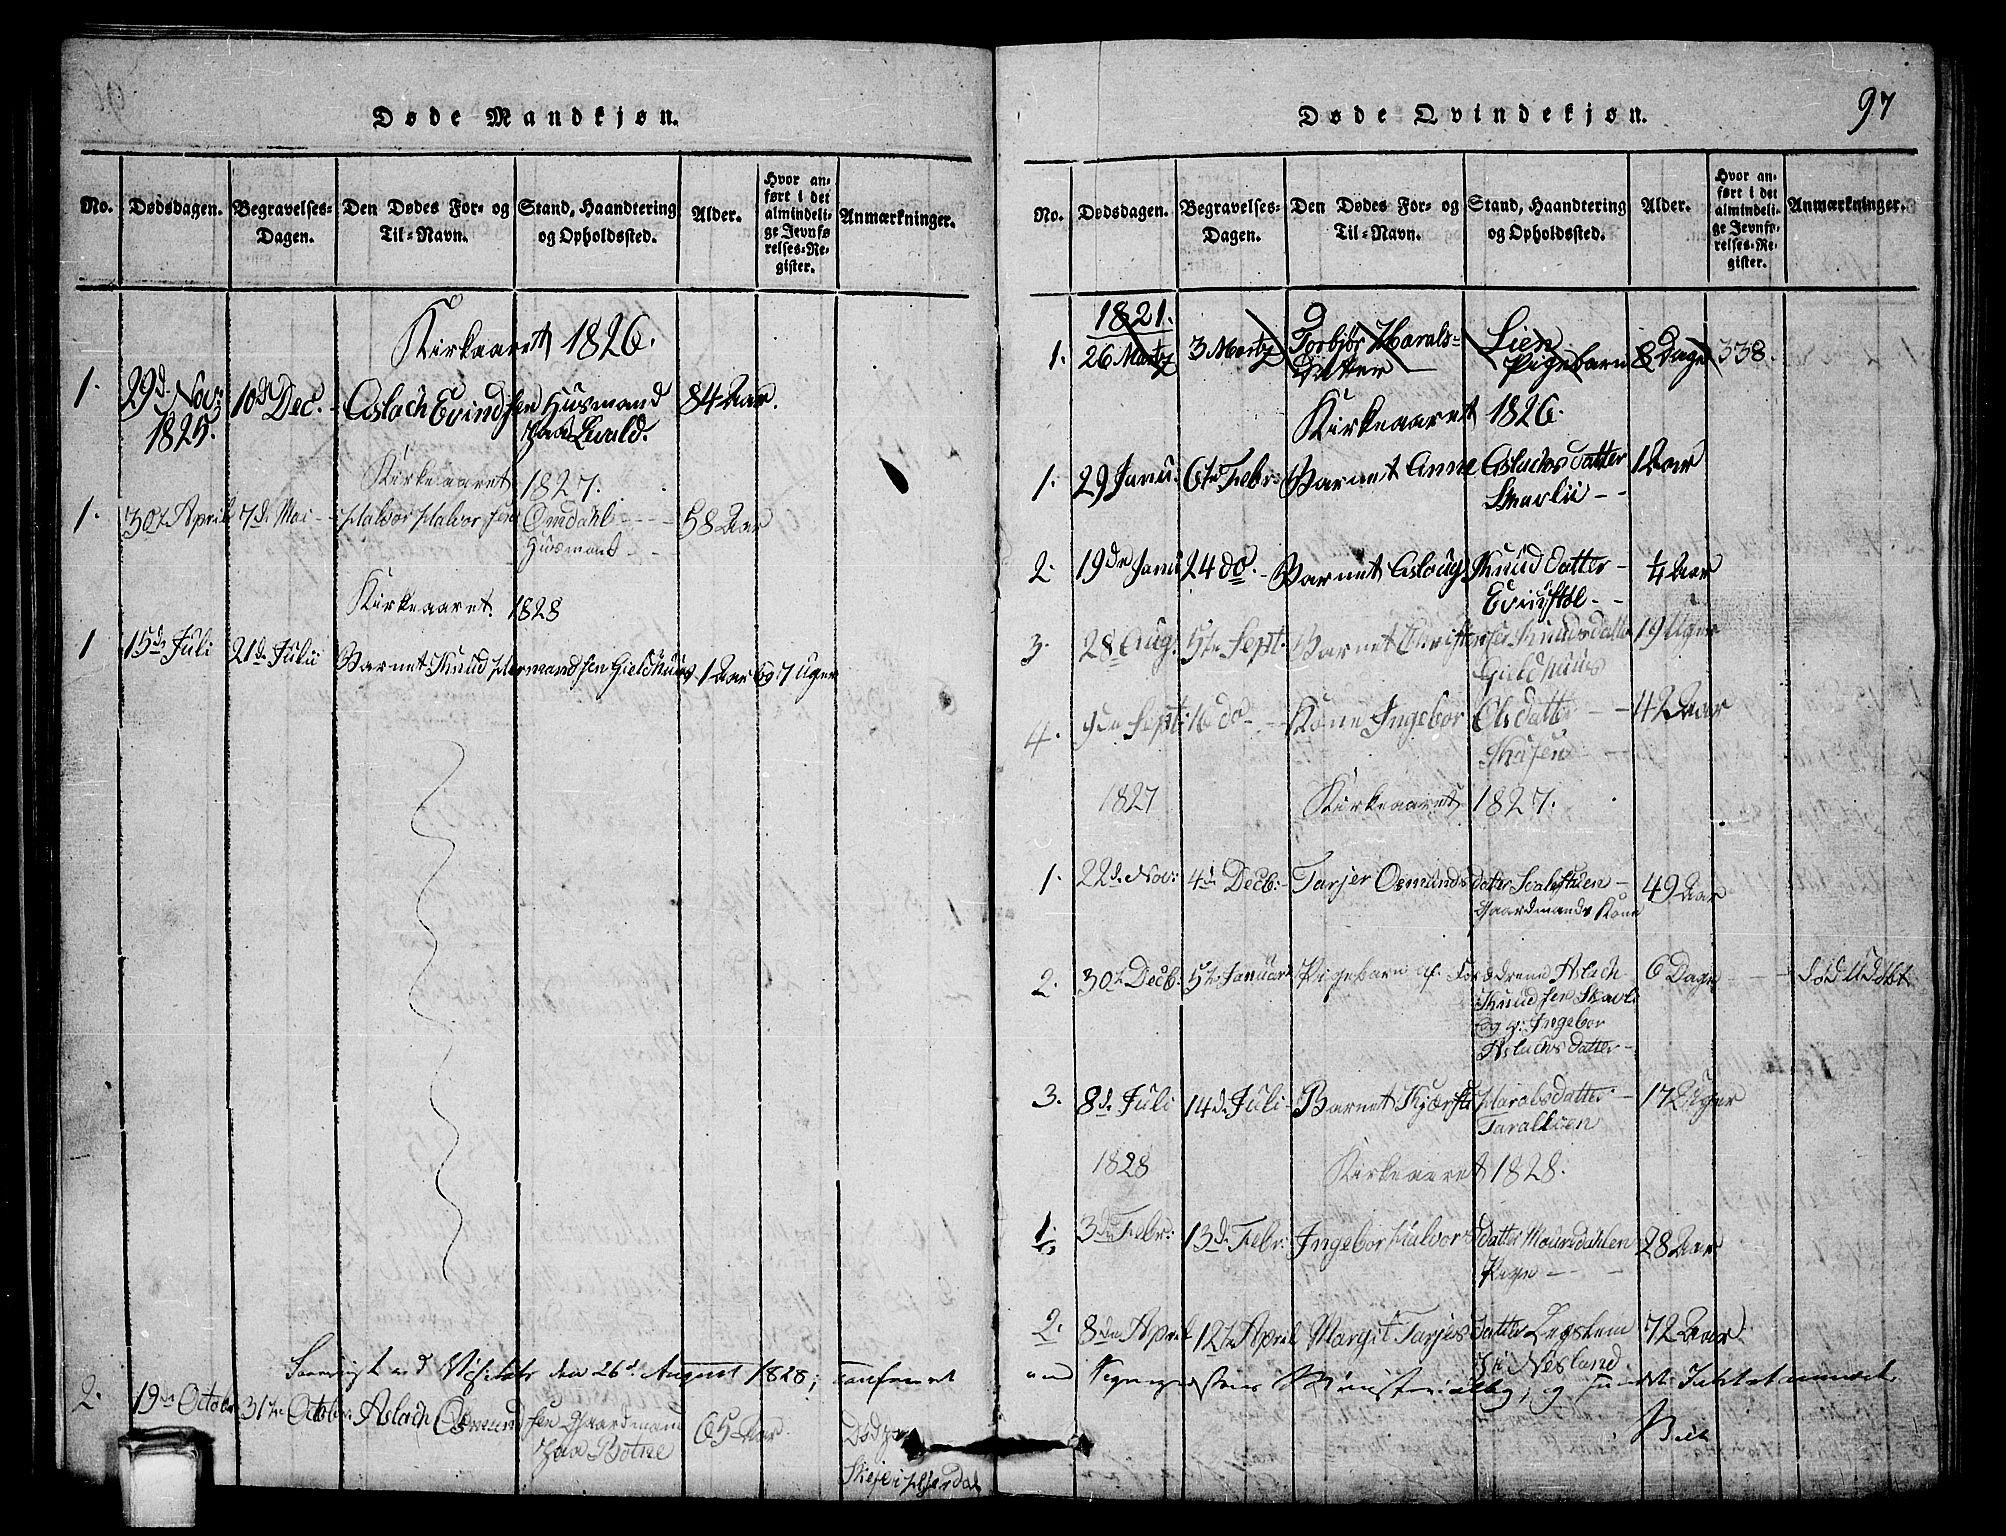 SAKO, Vinje kirkebøker, G/Gb/L0001: Klokkerbok nr. II 1, 1814-1843, s. 97